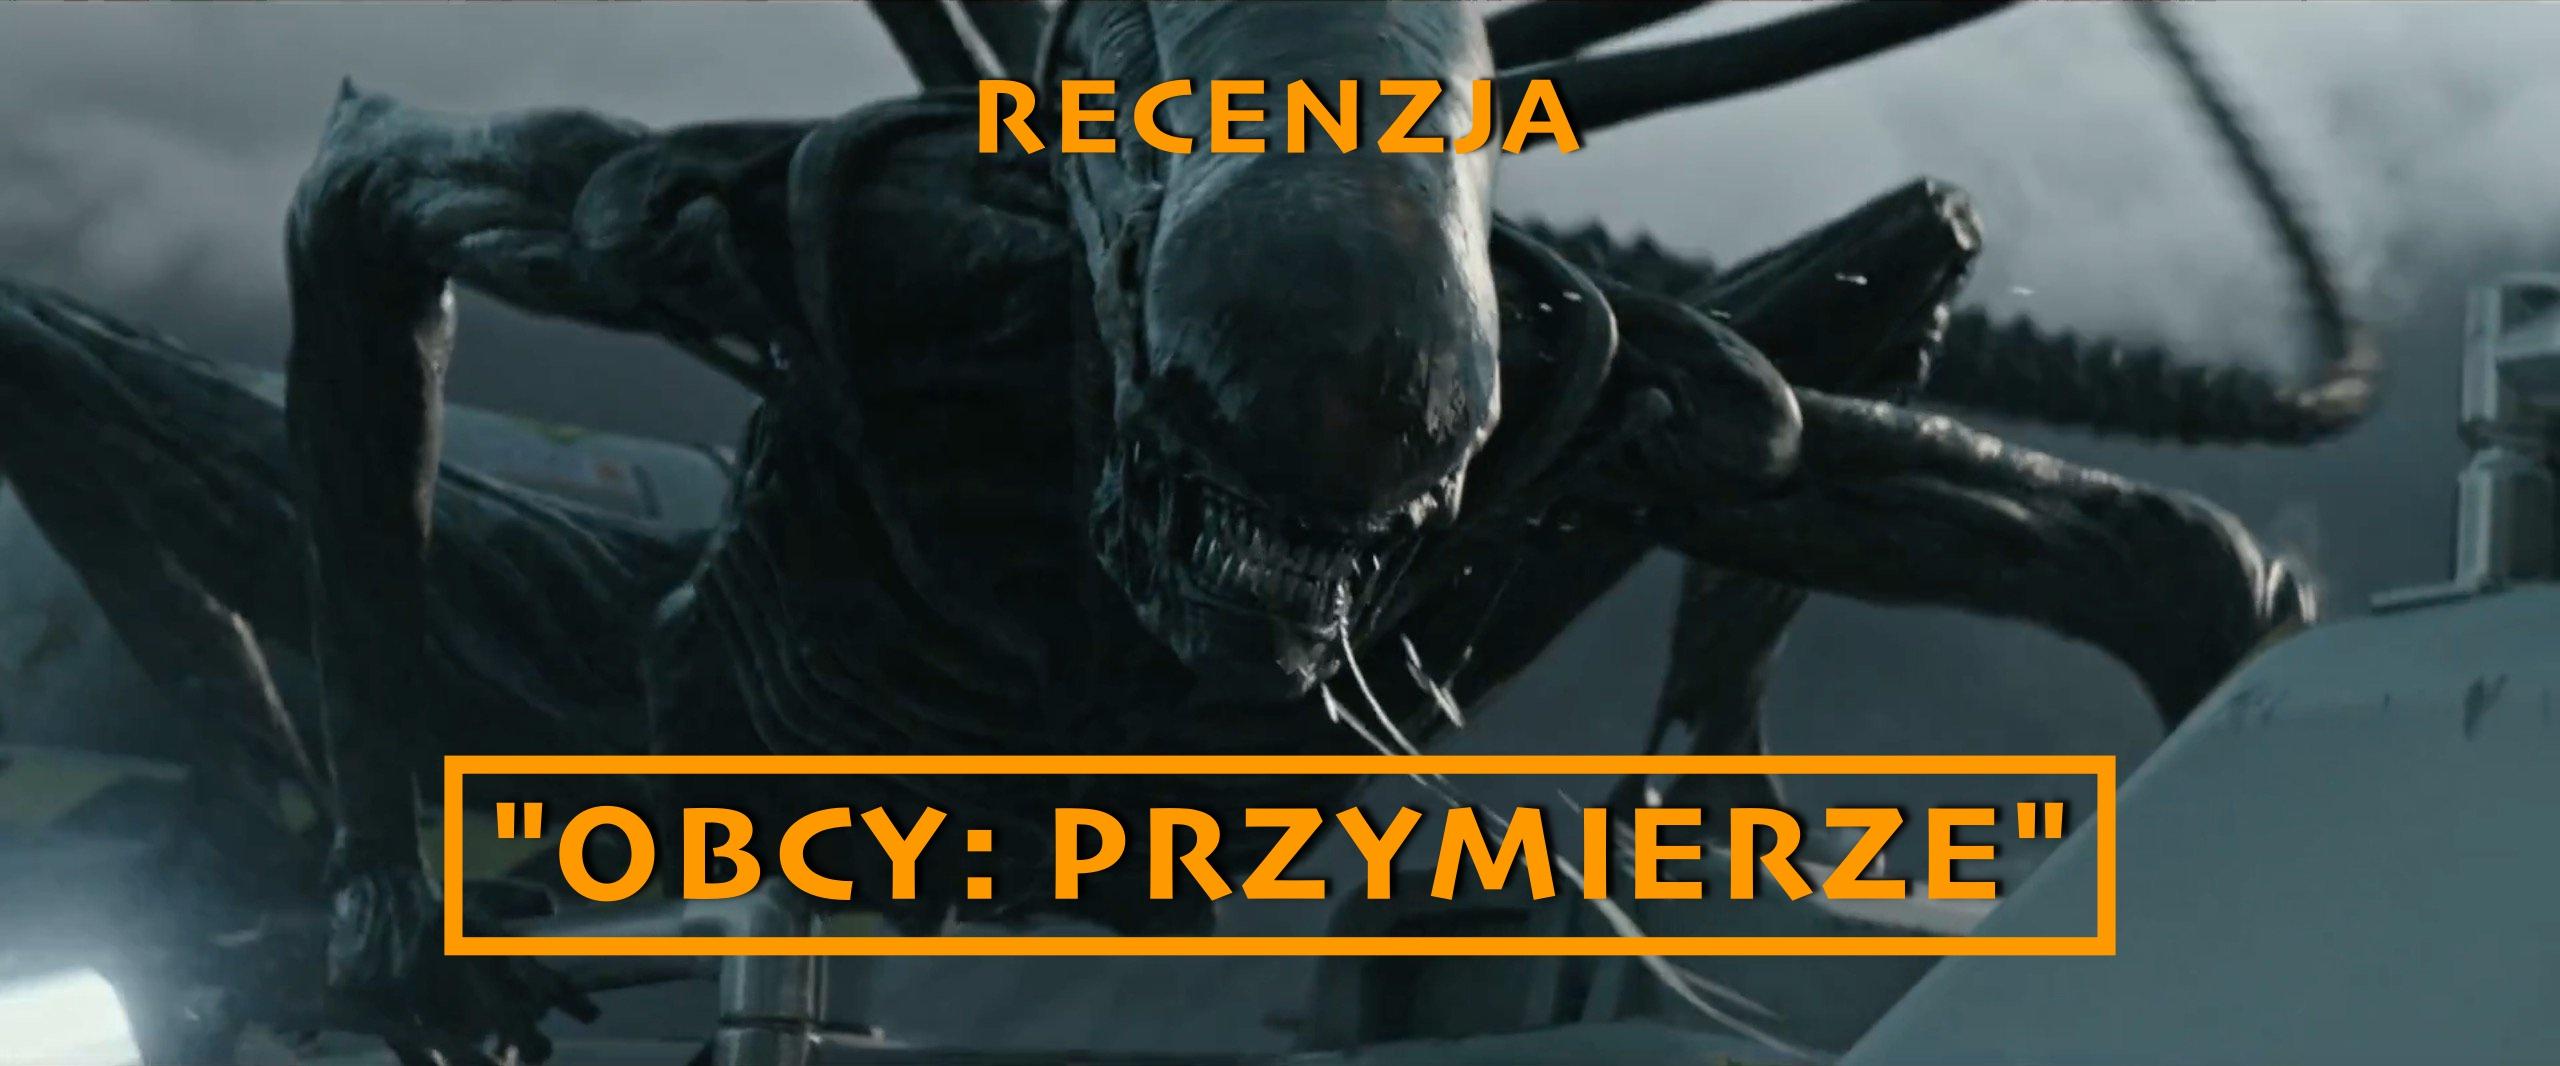 """Nie taki Alien straszny jak go modyfikują – recenzja """"Obcy: Przymierze"""""""